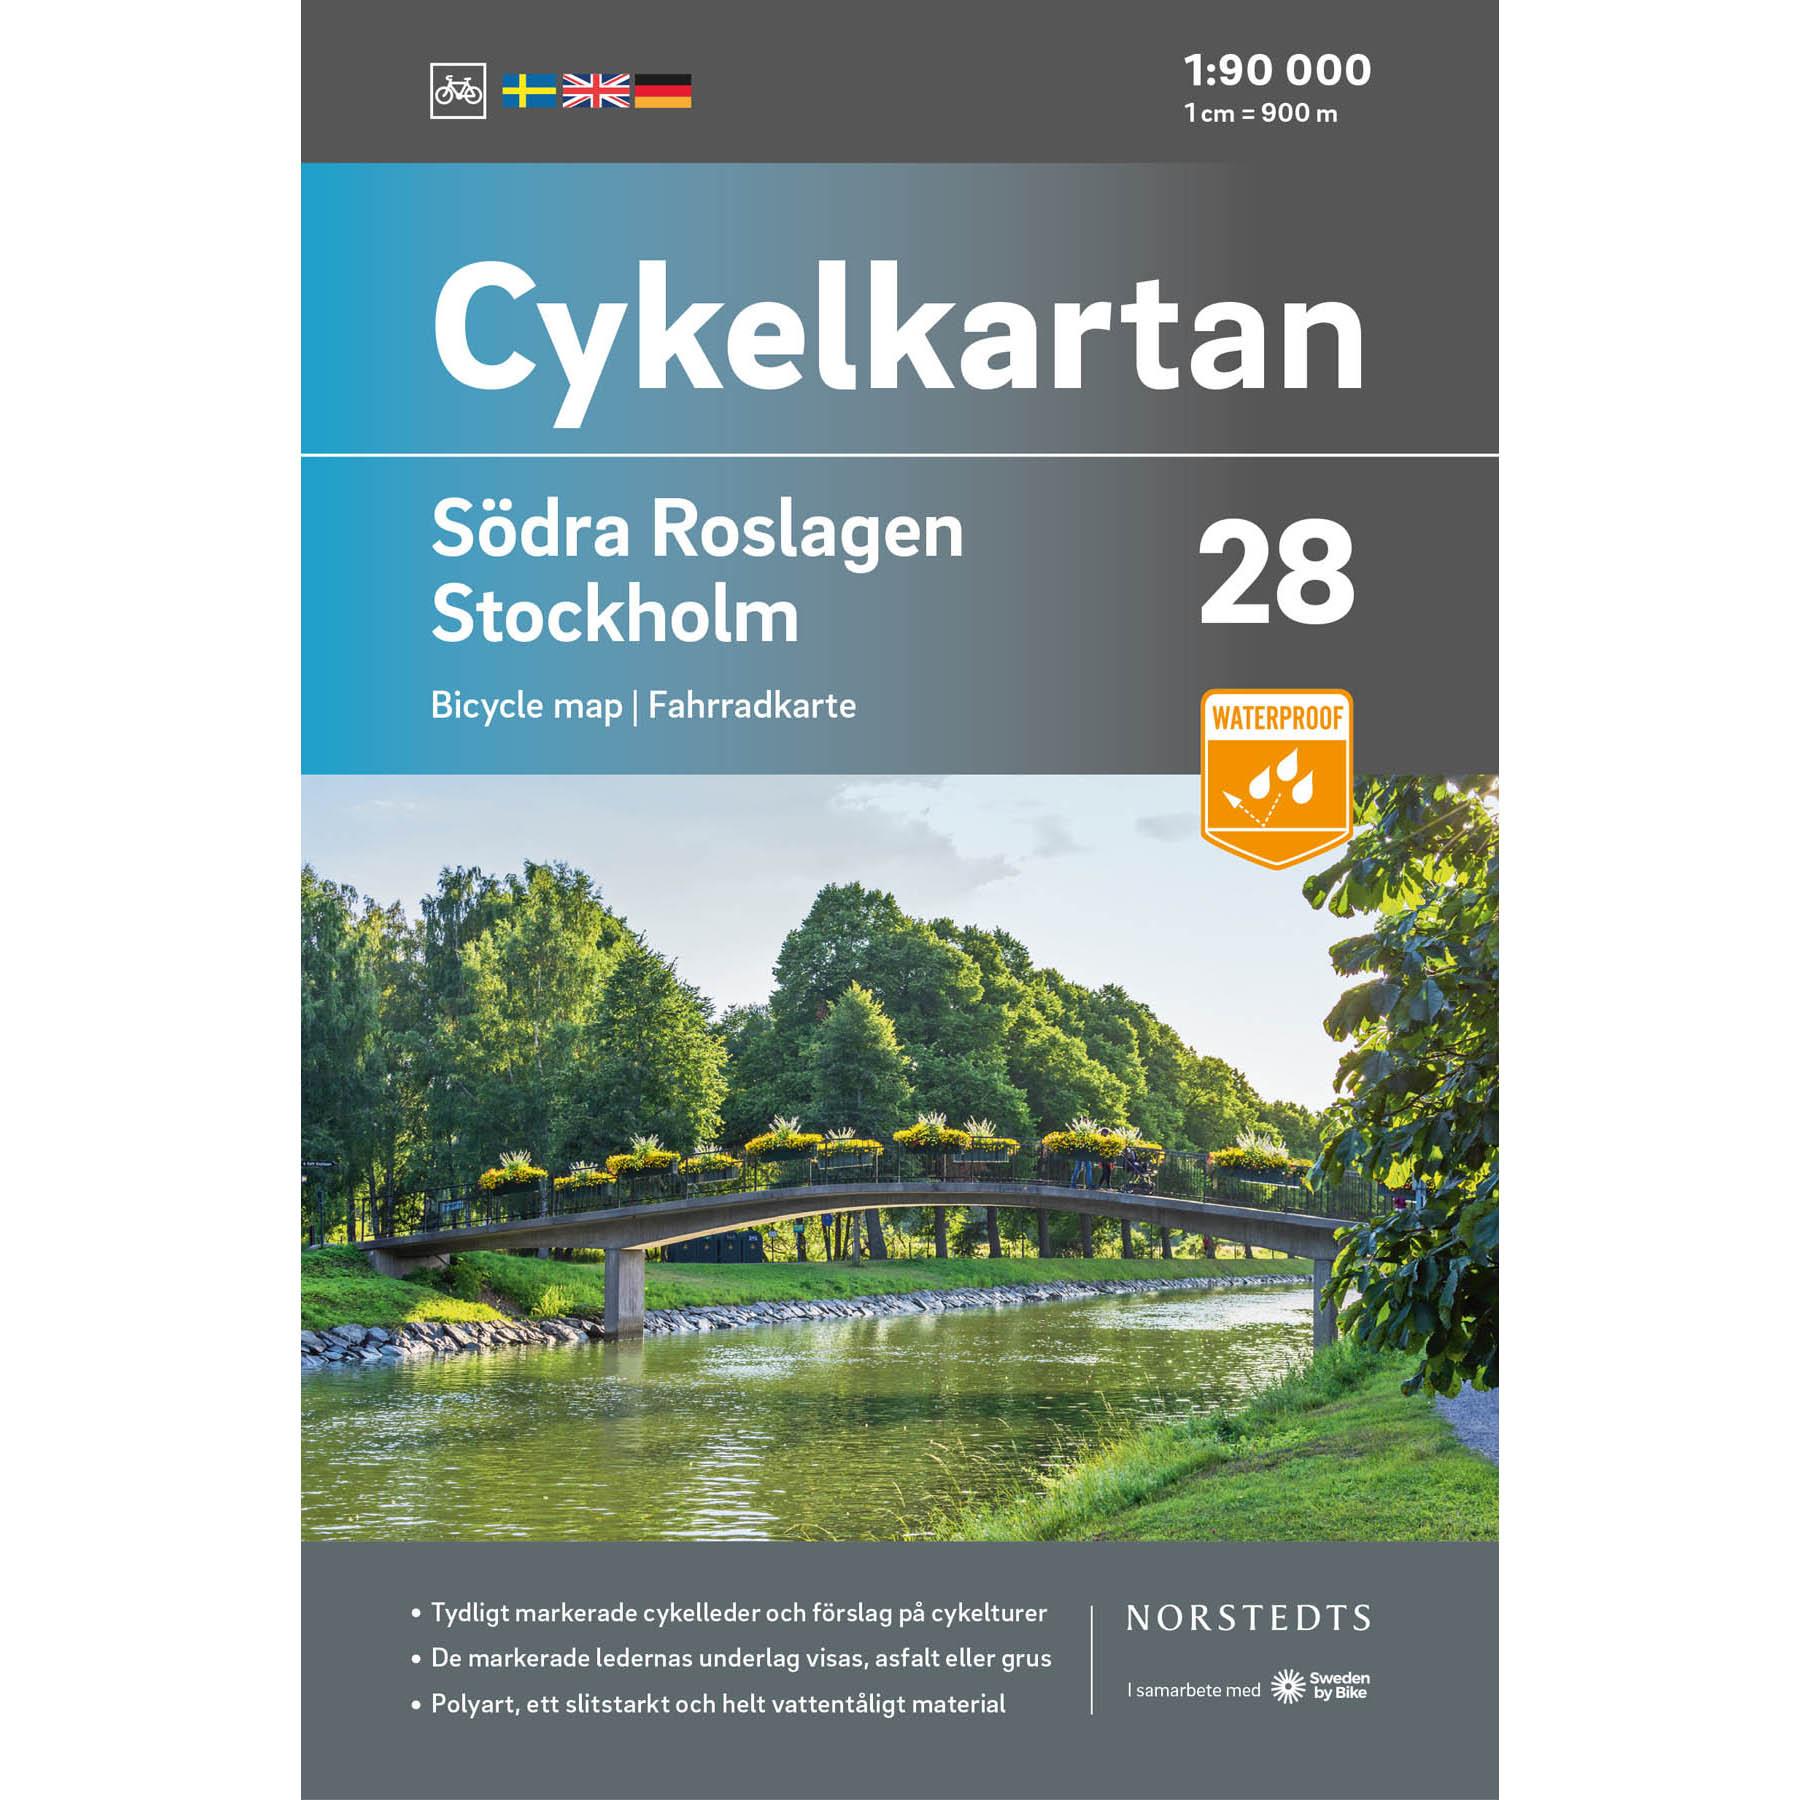 Cykelkarta Södra Roslagen / Stockholm